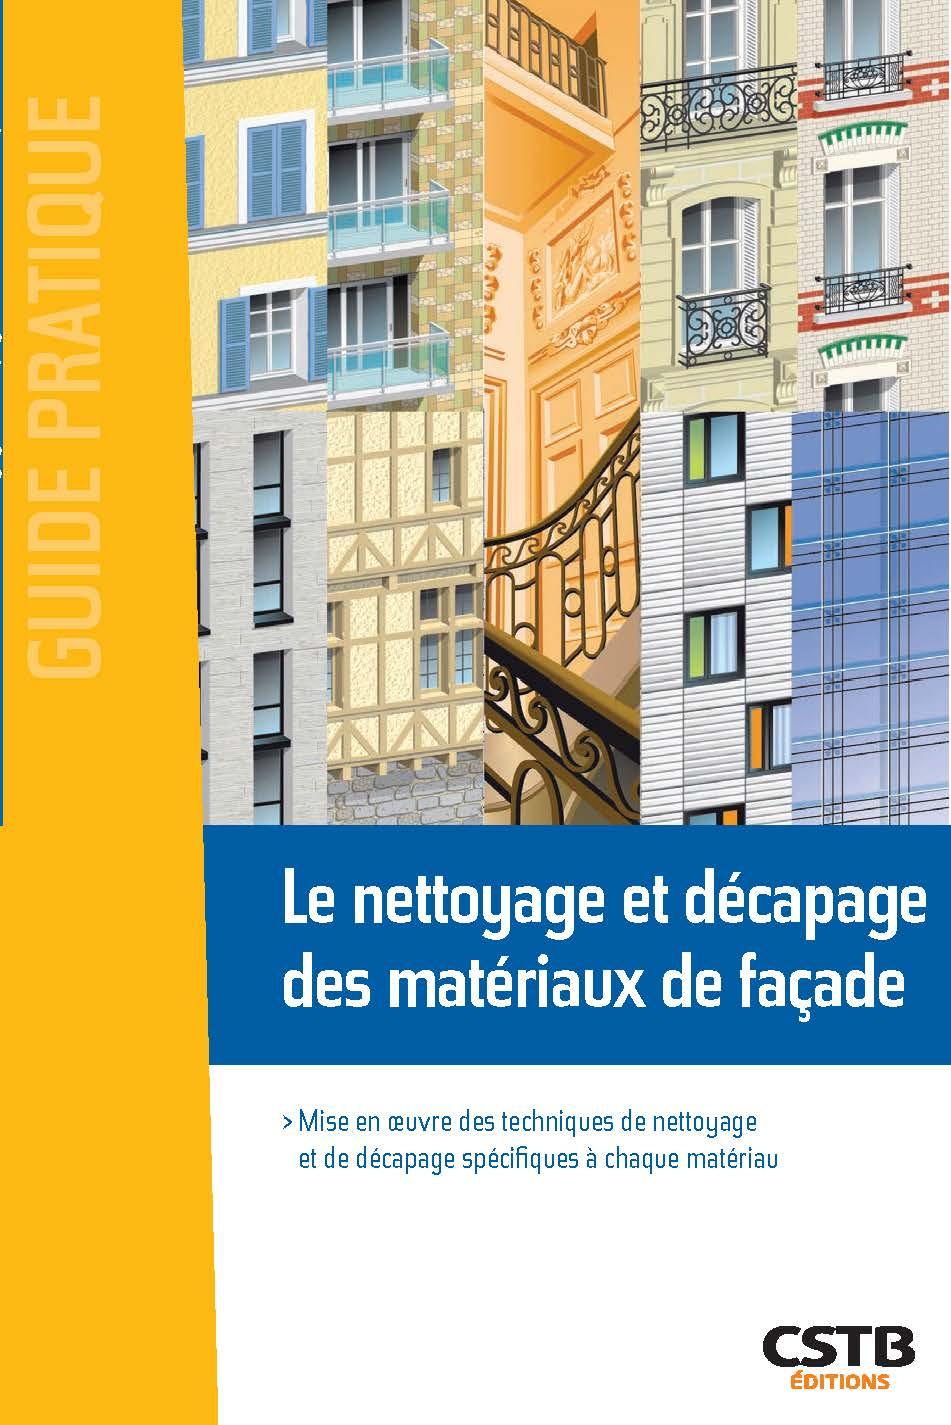 Couv GP Nettoyage et décapage des matériaux de facade